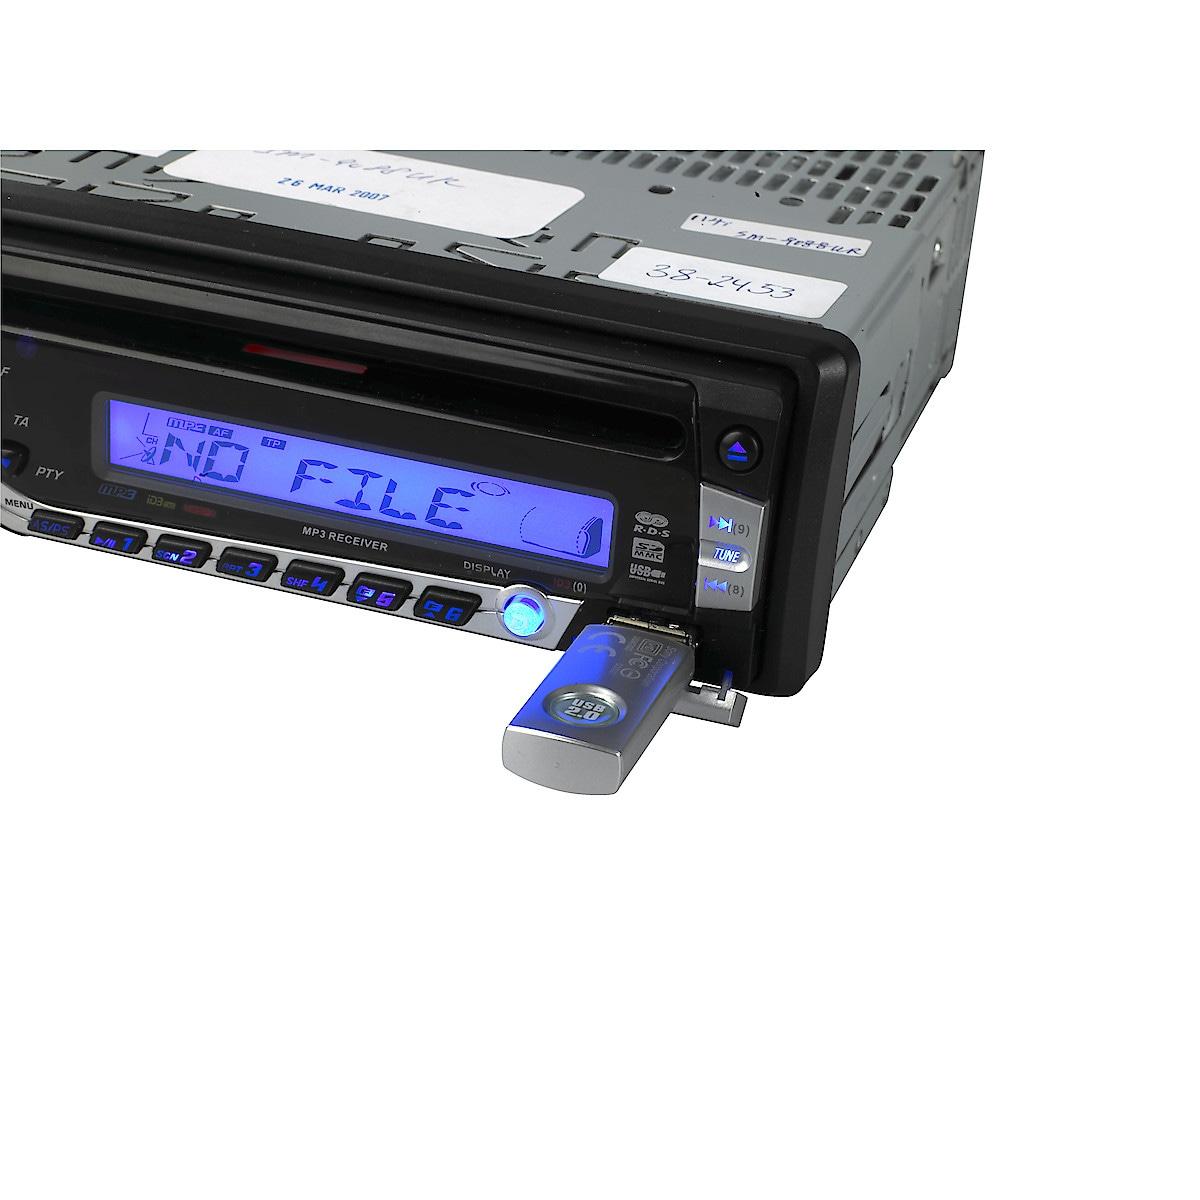 Bilstereo med CD/MP3-spiller